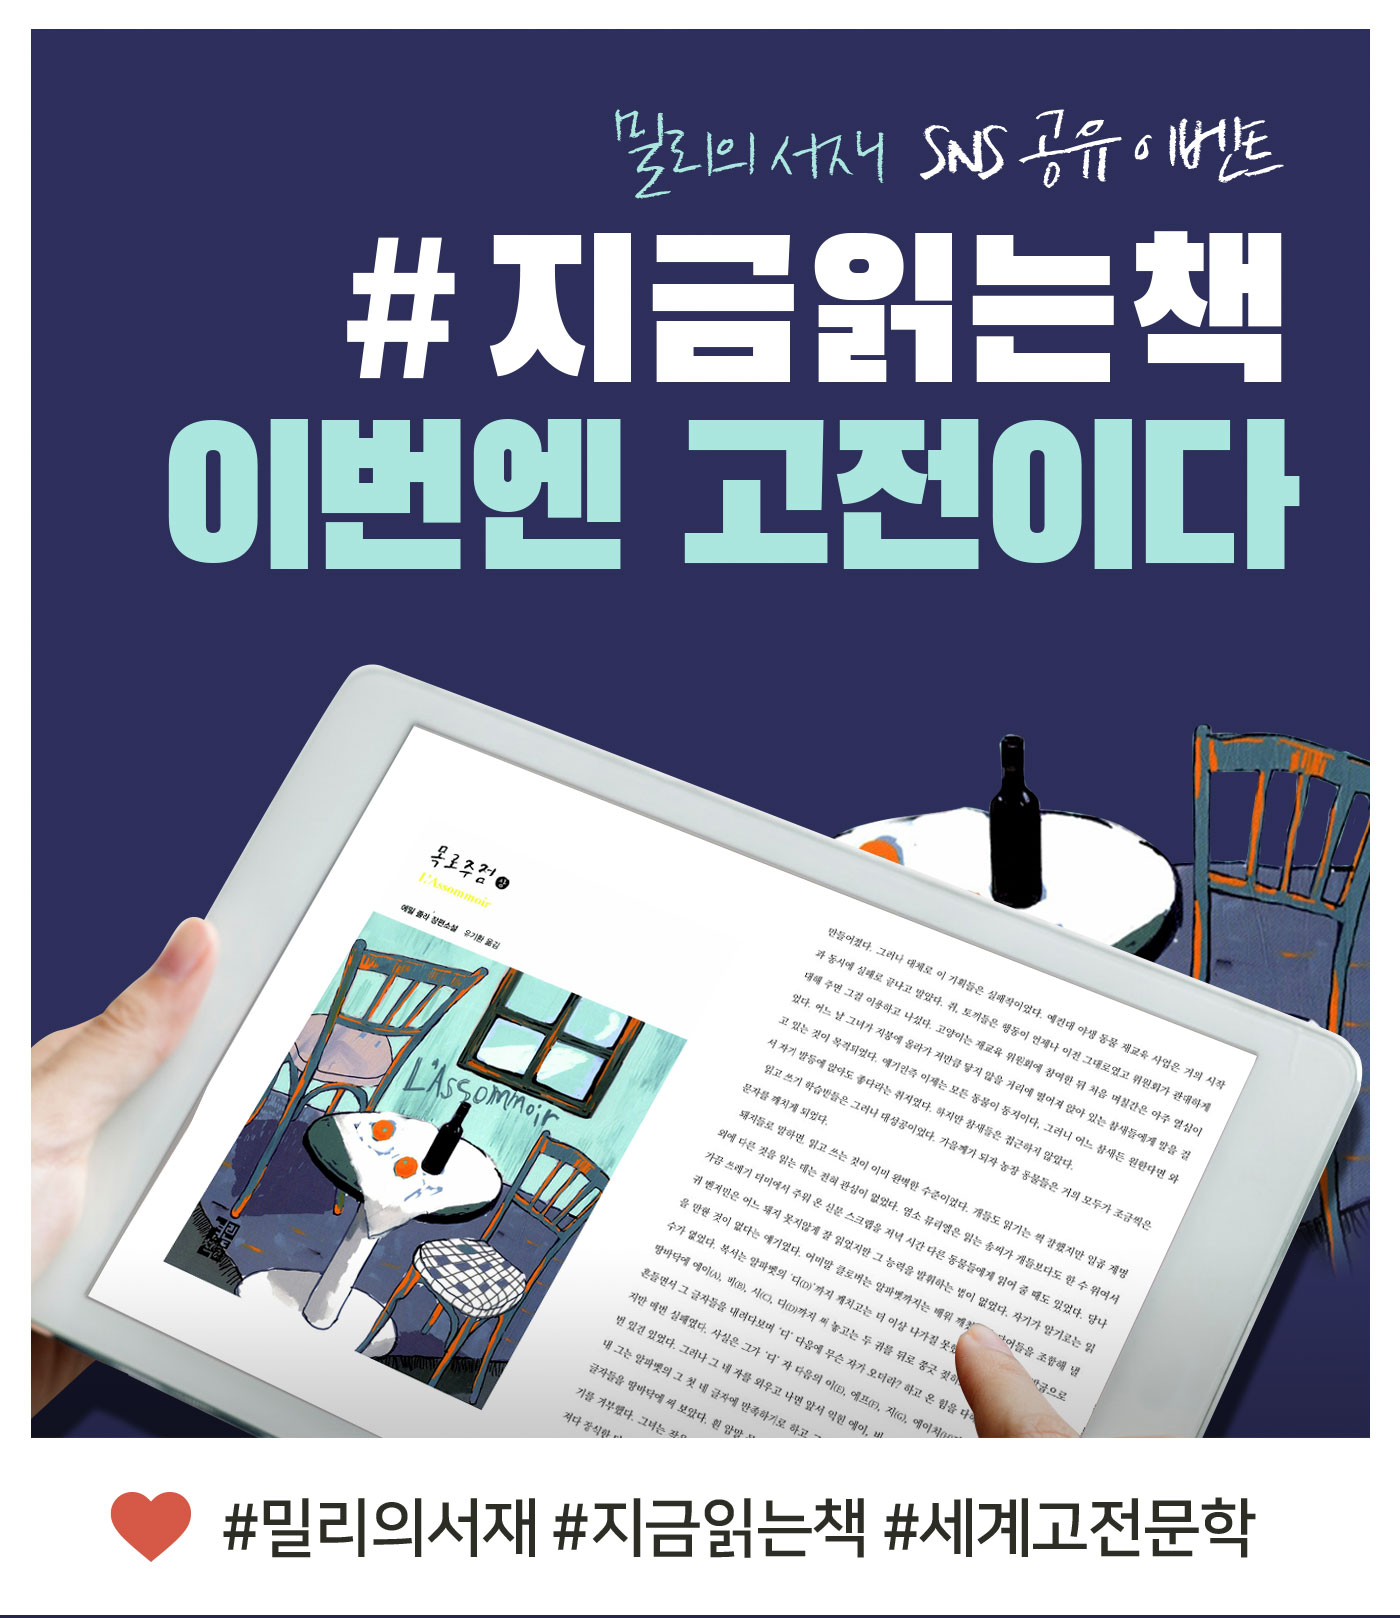 밀리의 서재 SNS 공유 이벤트 #지금읽는책 이번엔 고전이다.